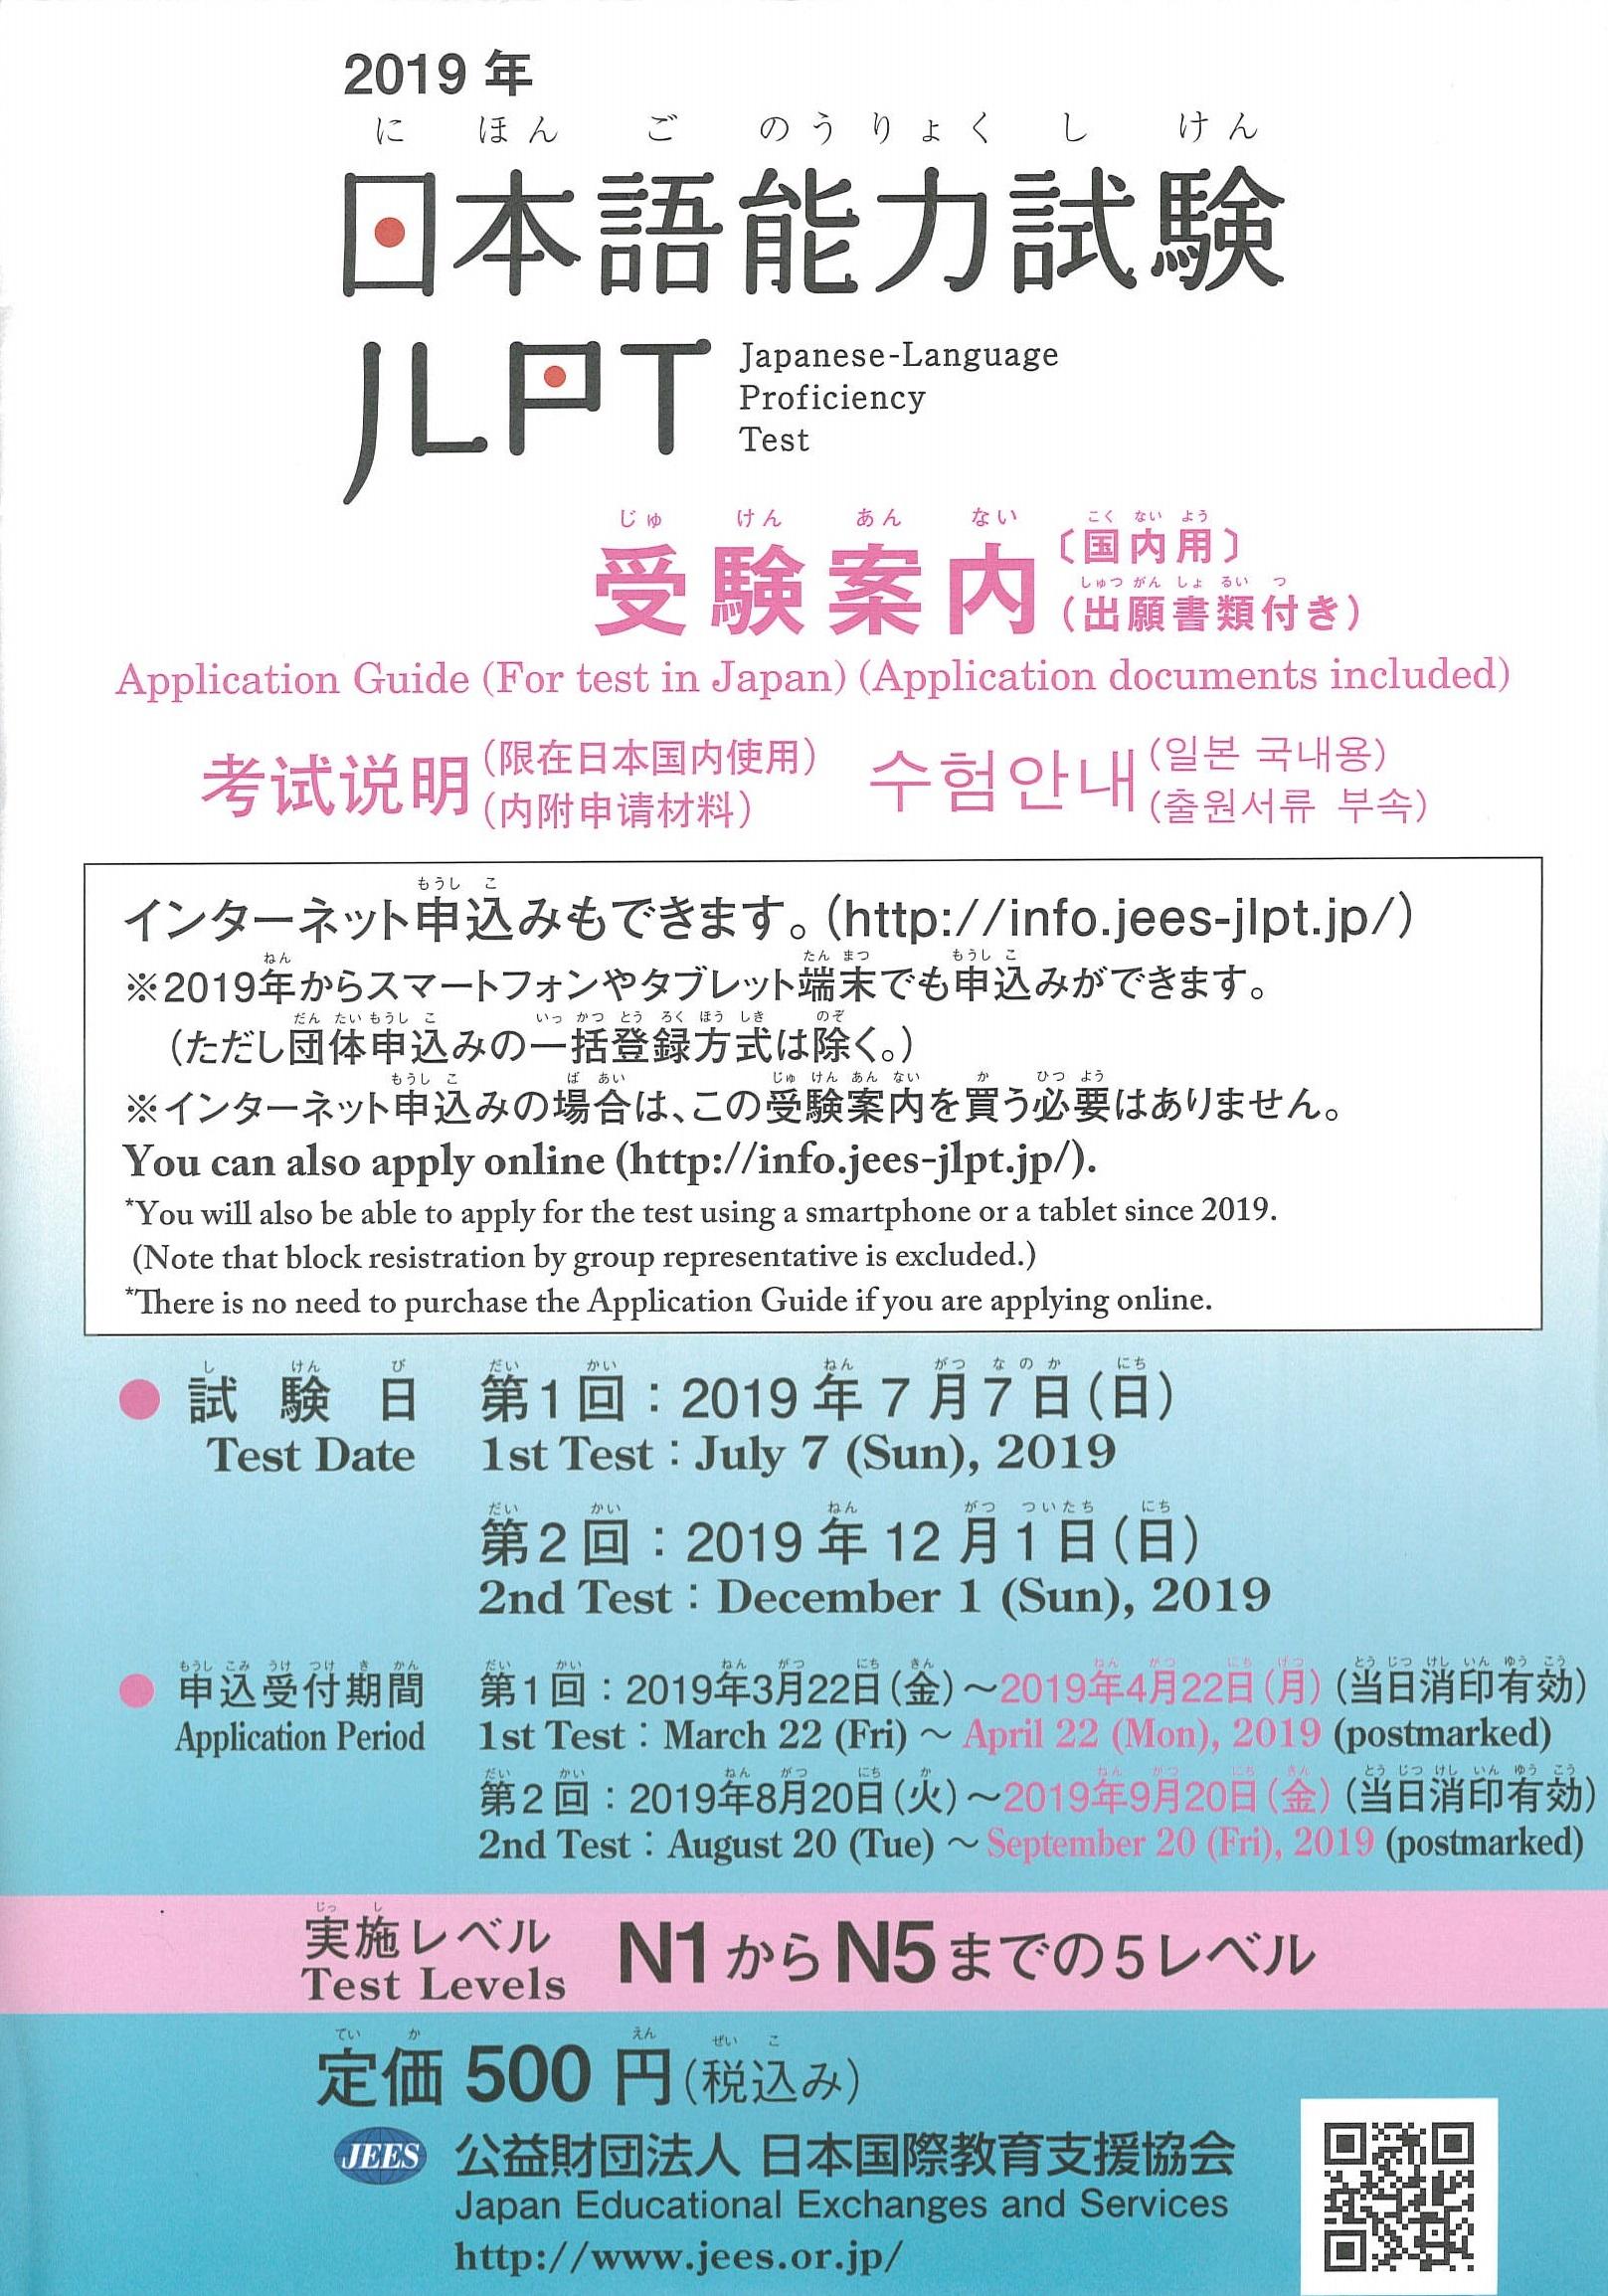 2019年日本語能力試験/JLPT 受験案内(出願書類付き)画像